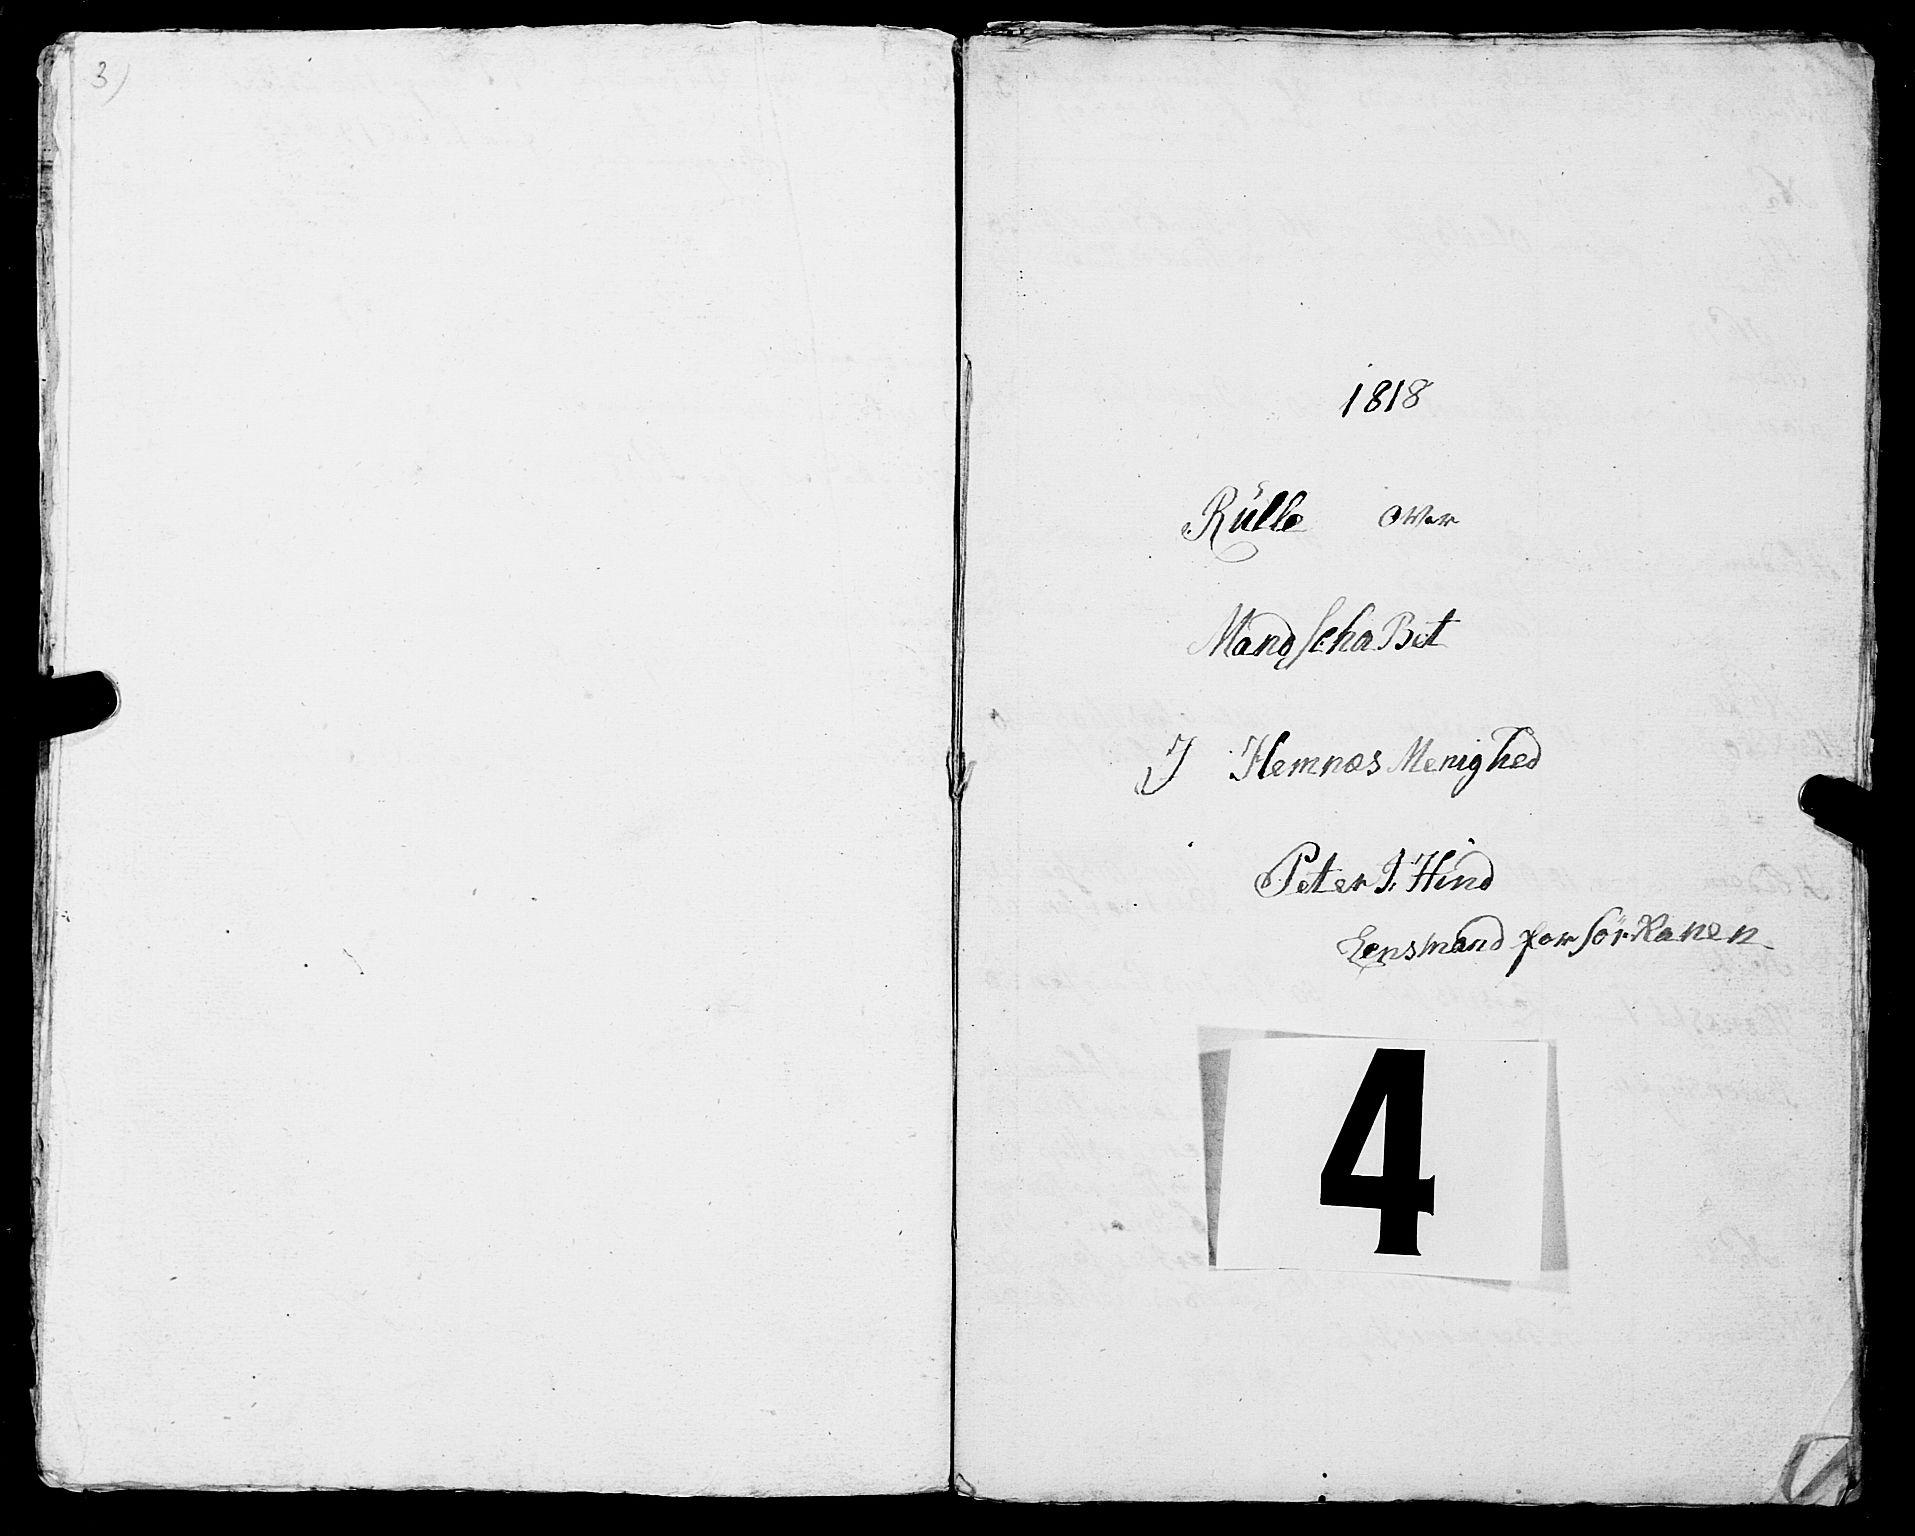 SAT, Fylkesmannen i Nordland, R/RA/L0013: Innrulleringsmanntall for Hemnes (Sør-Rana), 1809-1835, s. 101